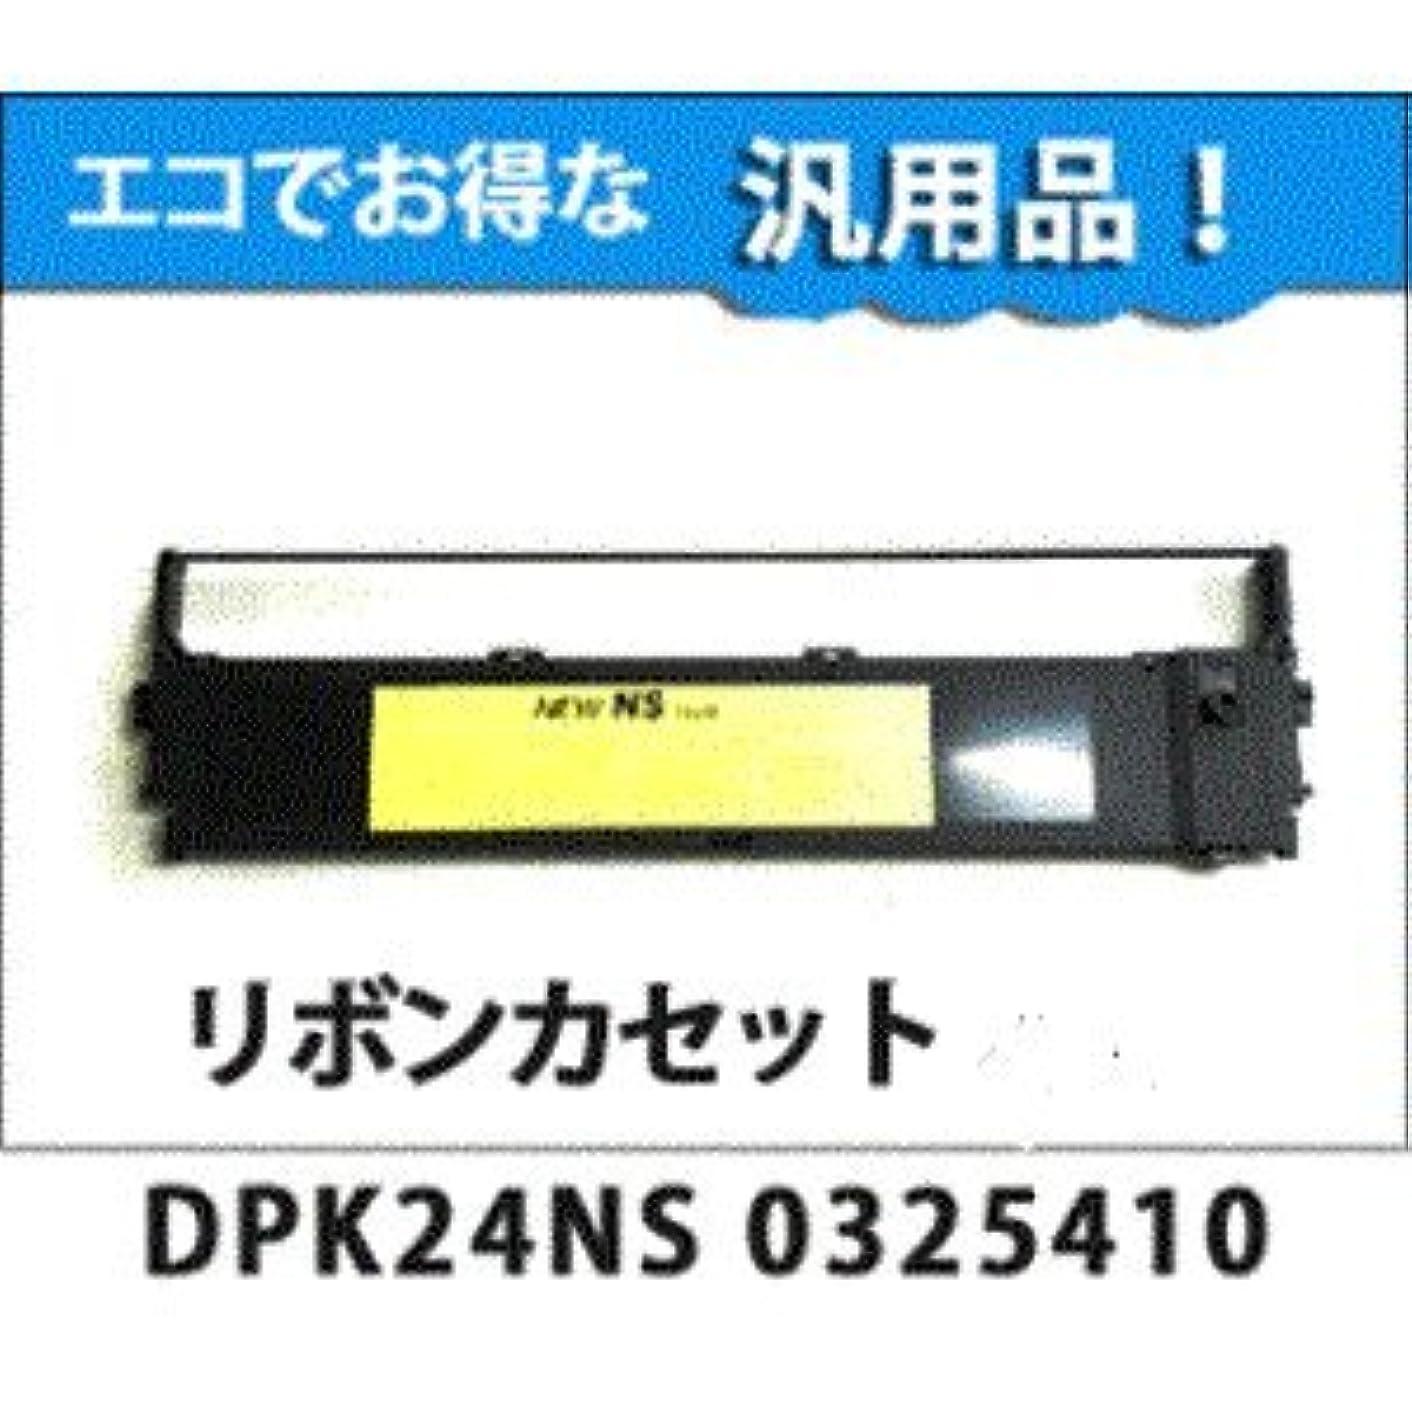 小競り合い定規優雅な富士通 DPK24NS (0325410)(CA02460-D111)/EPSON VP5200RC 黒 ドットプリンタ汎用インクリボンカセット 2個セット 工場直送品A